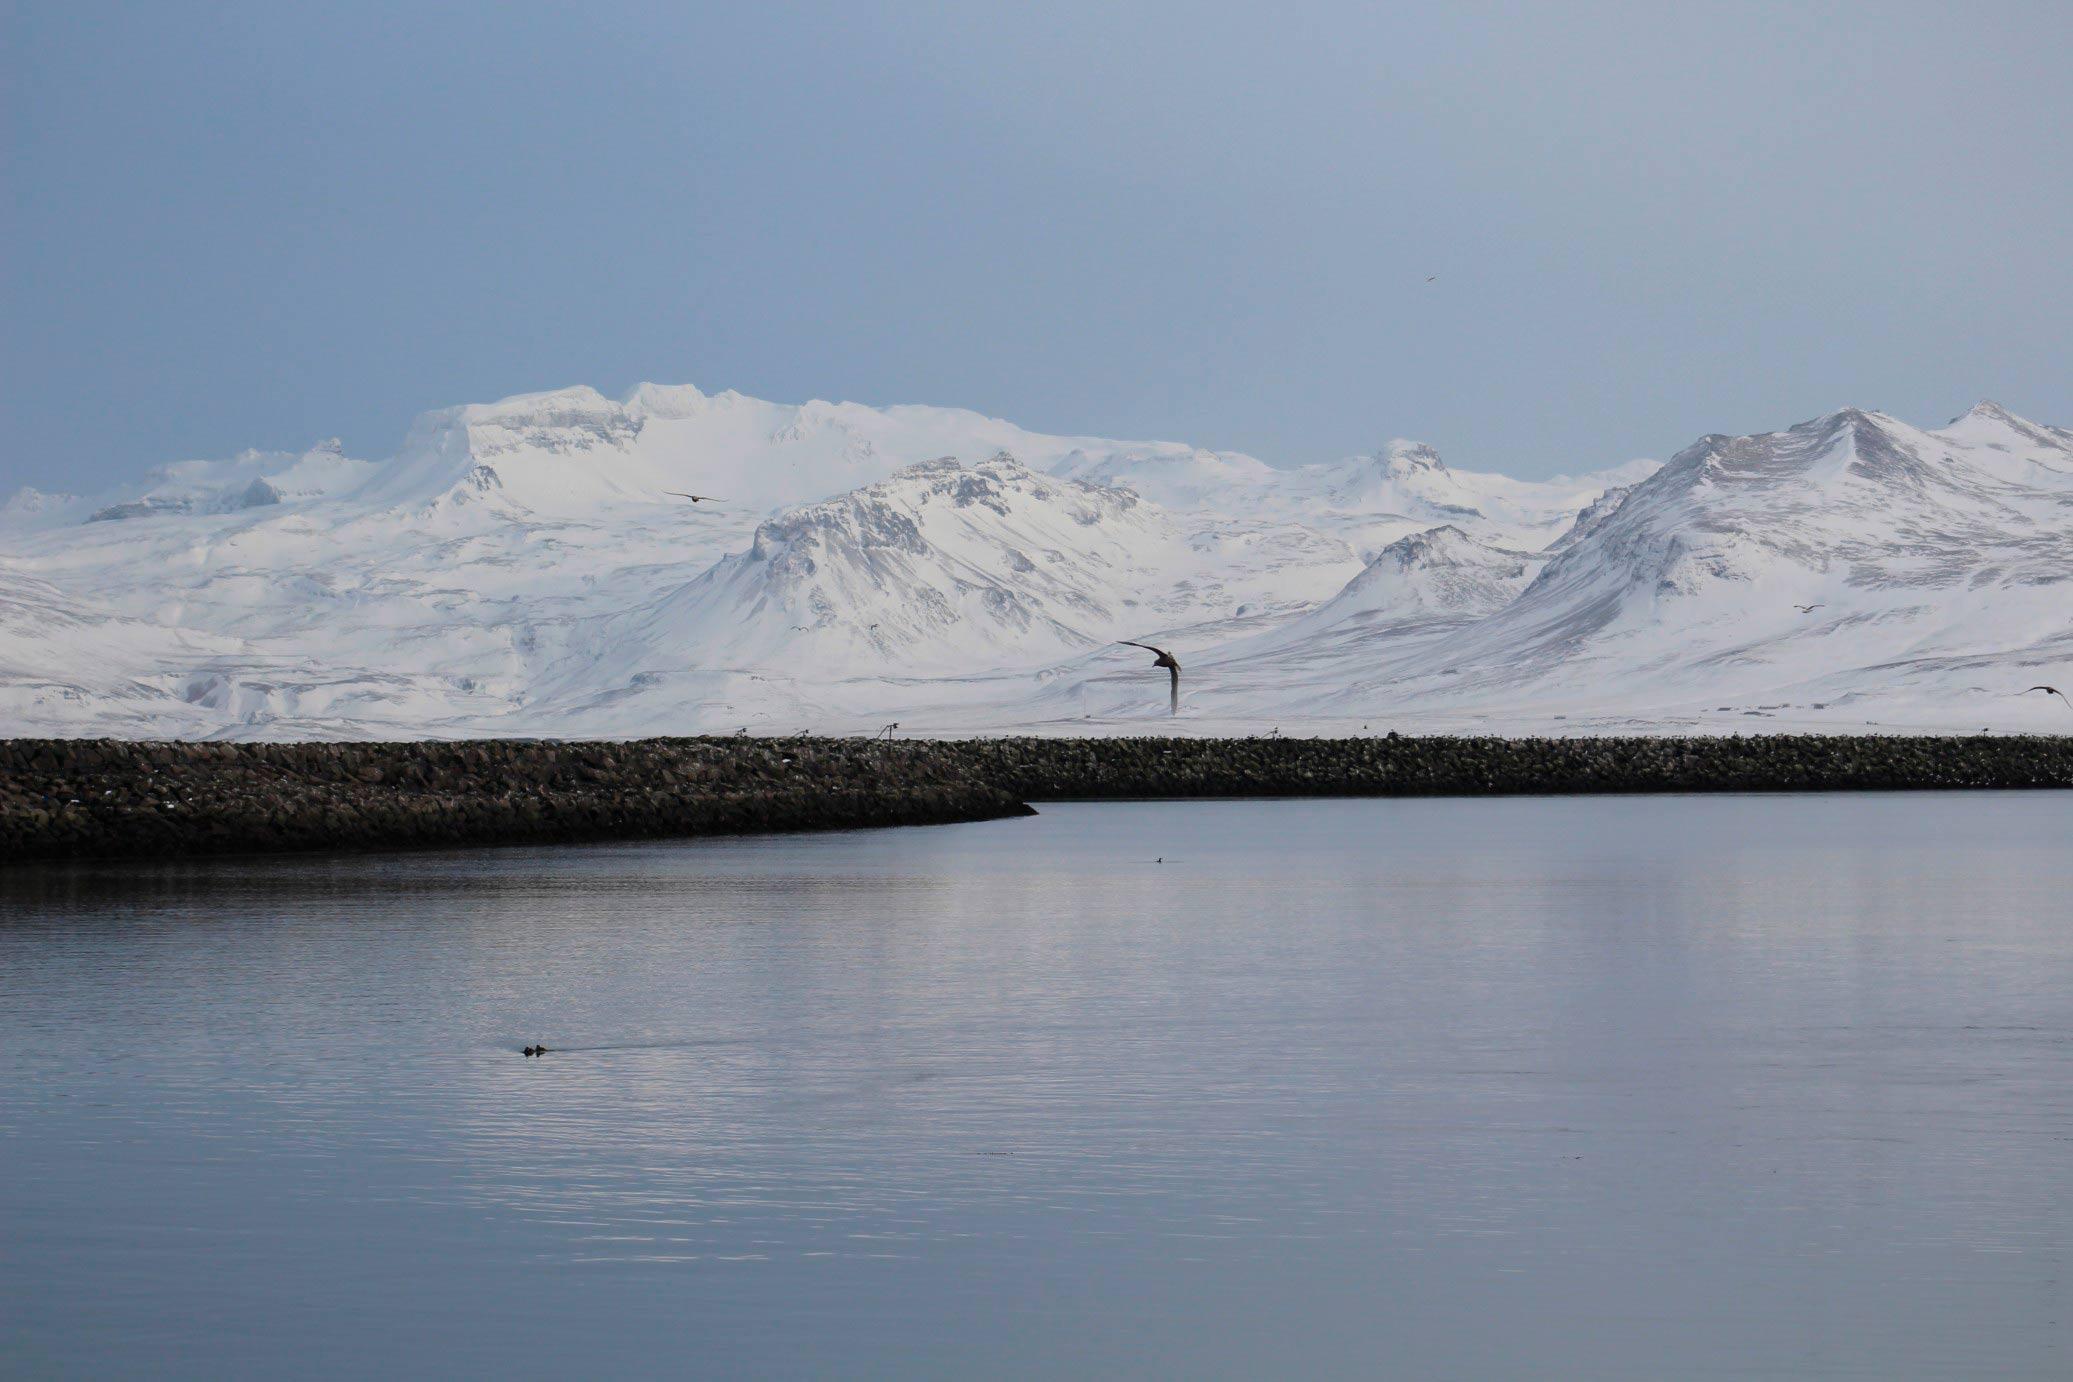 La península de Snæfellsnes está situada en el oeste de Borgarfjörður, en el oeste de Islandia.